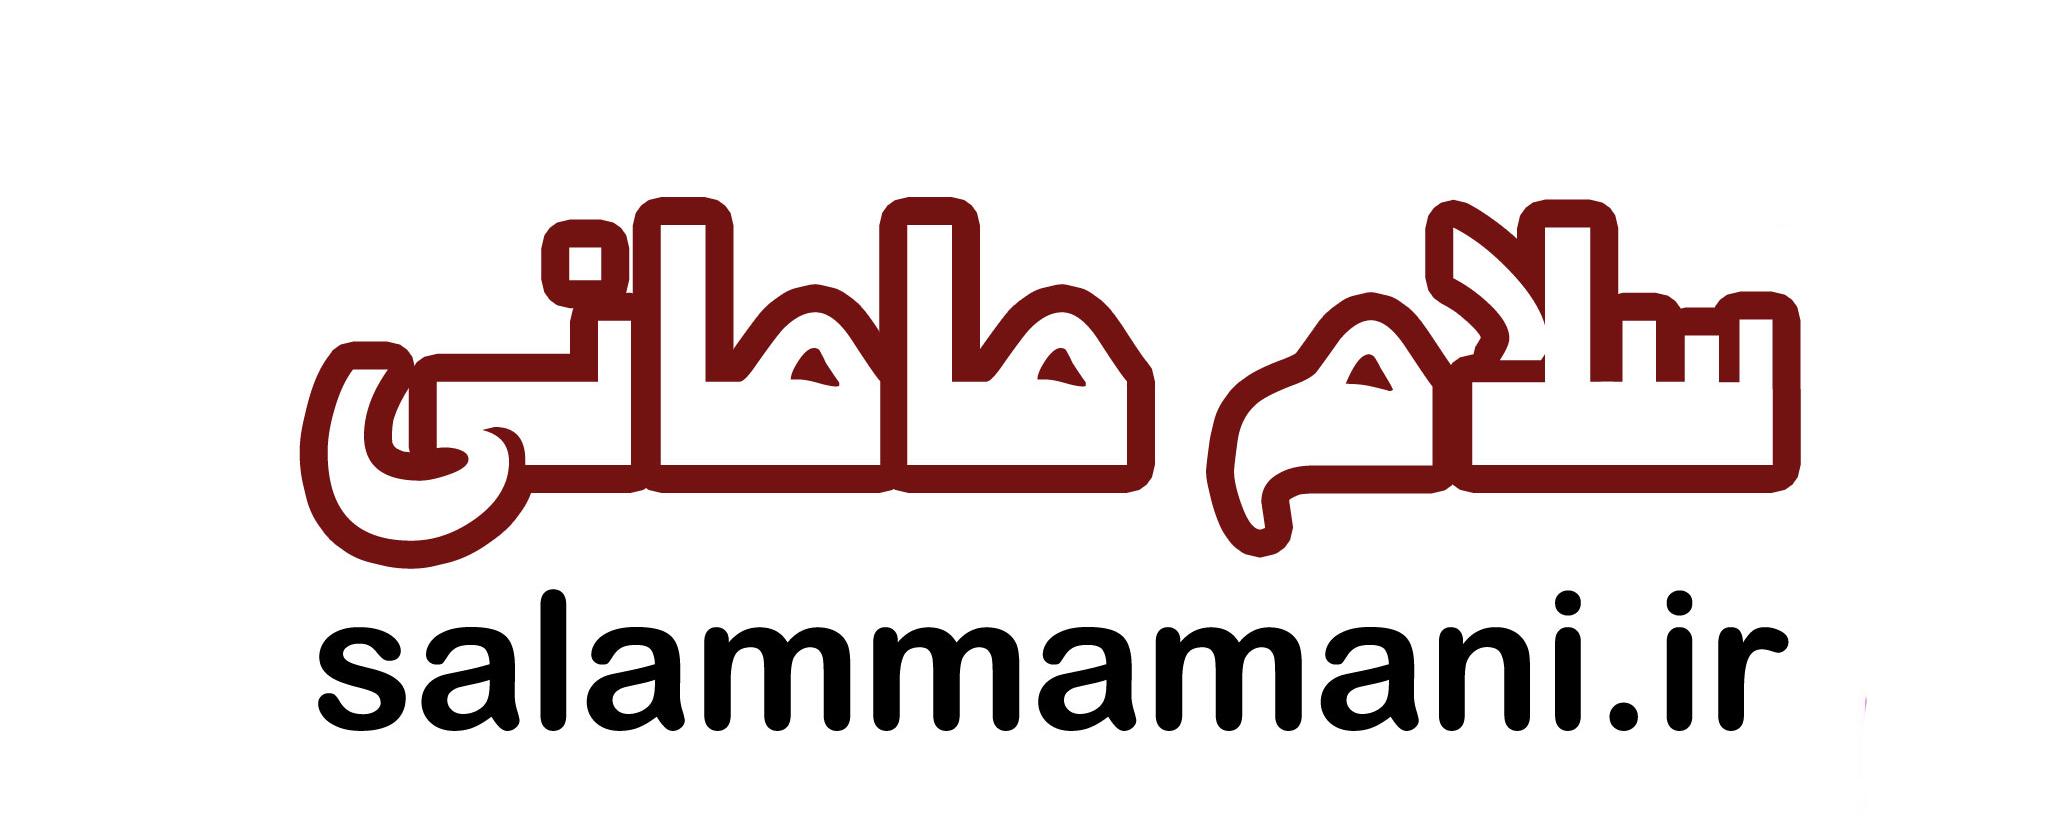 فروشگاه سلام مامانی | فروش انواع لباس زنانه با مناسبترین قیمت